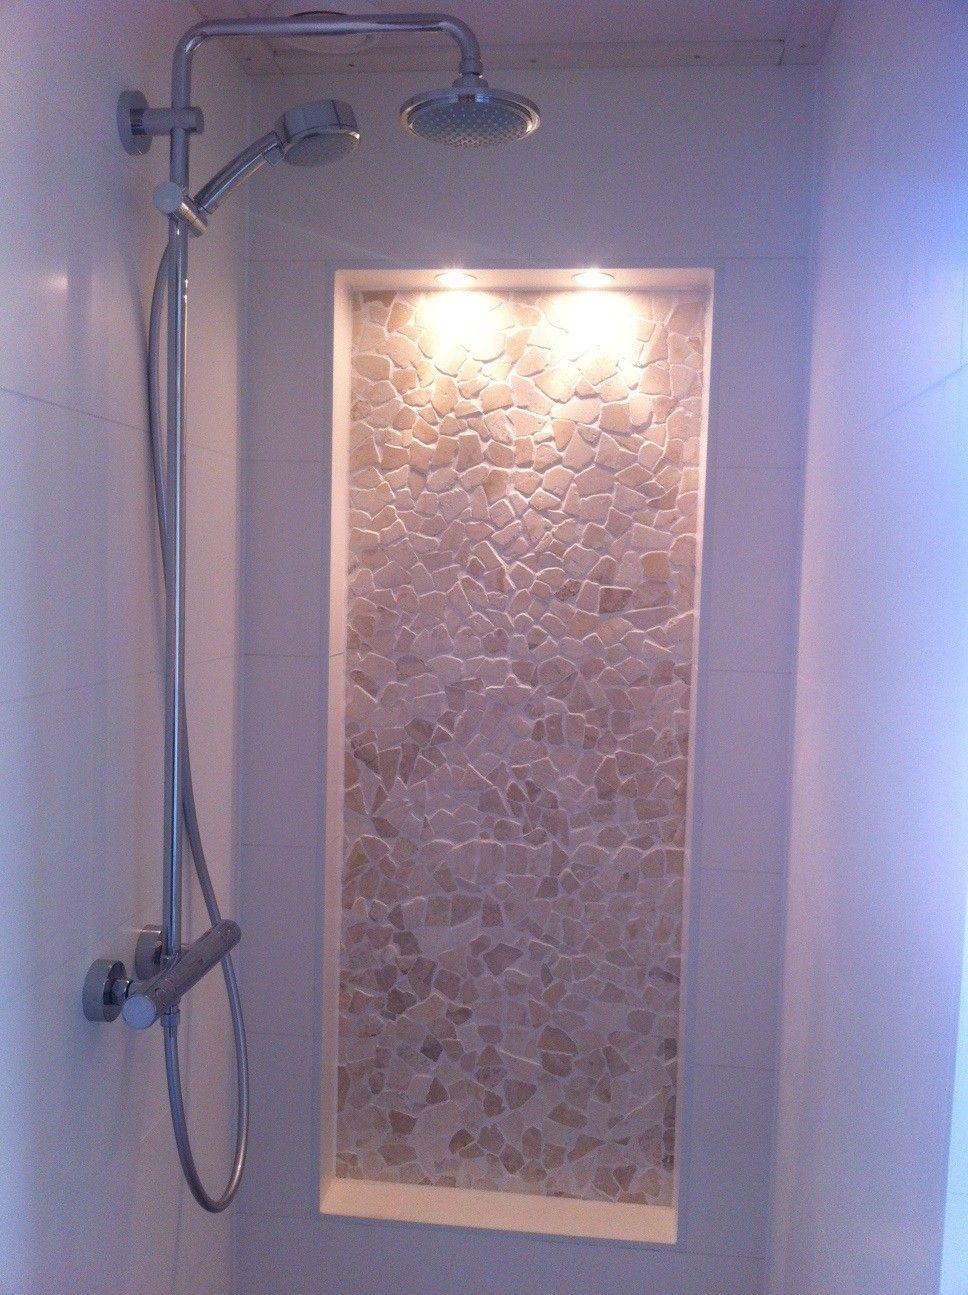 Onze douche met nisje en spotjes dimbaar! (bijna klaar) | Bathroom ...